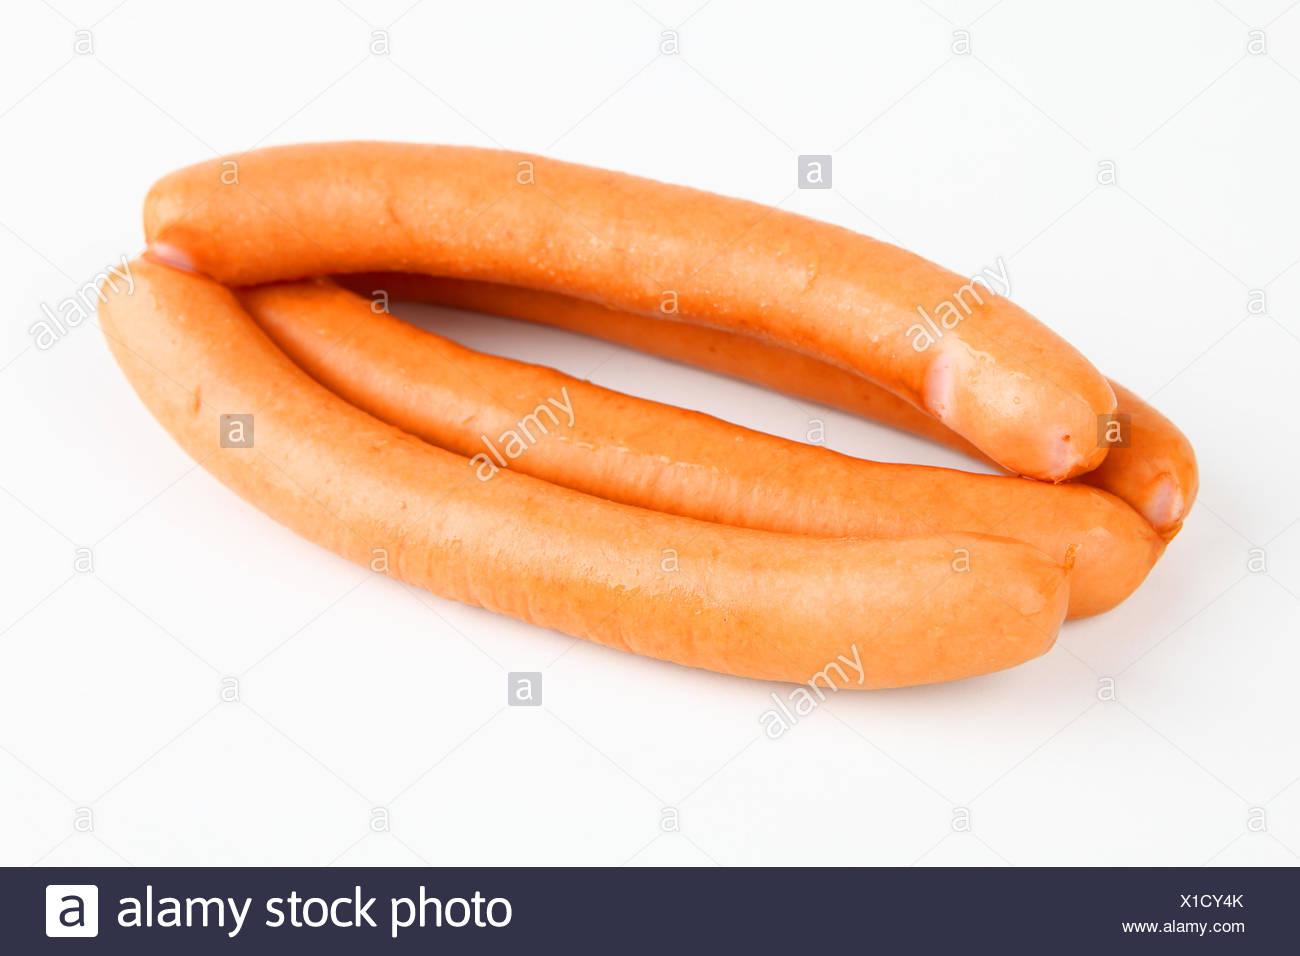 vienna sausage Stock Photo